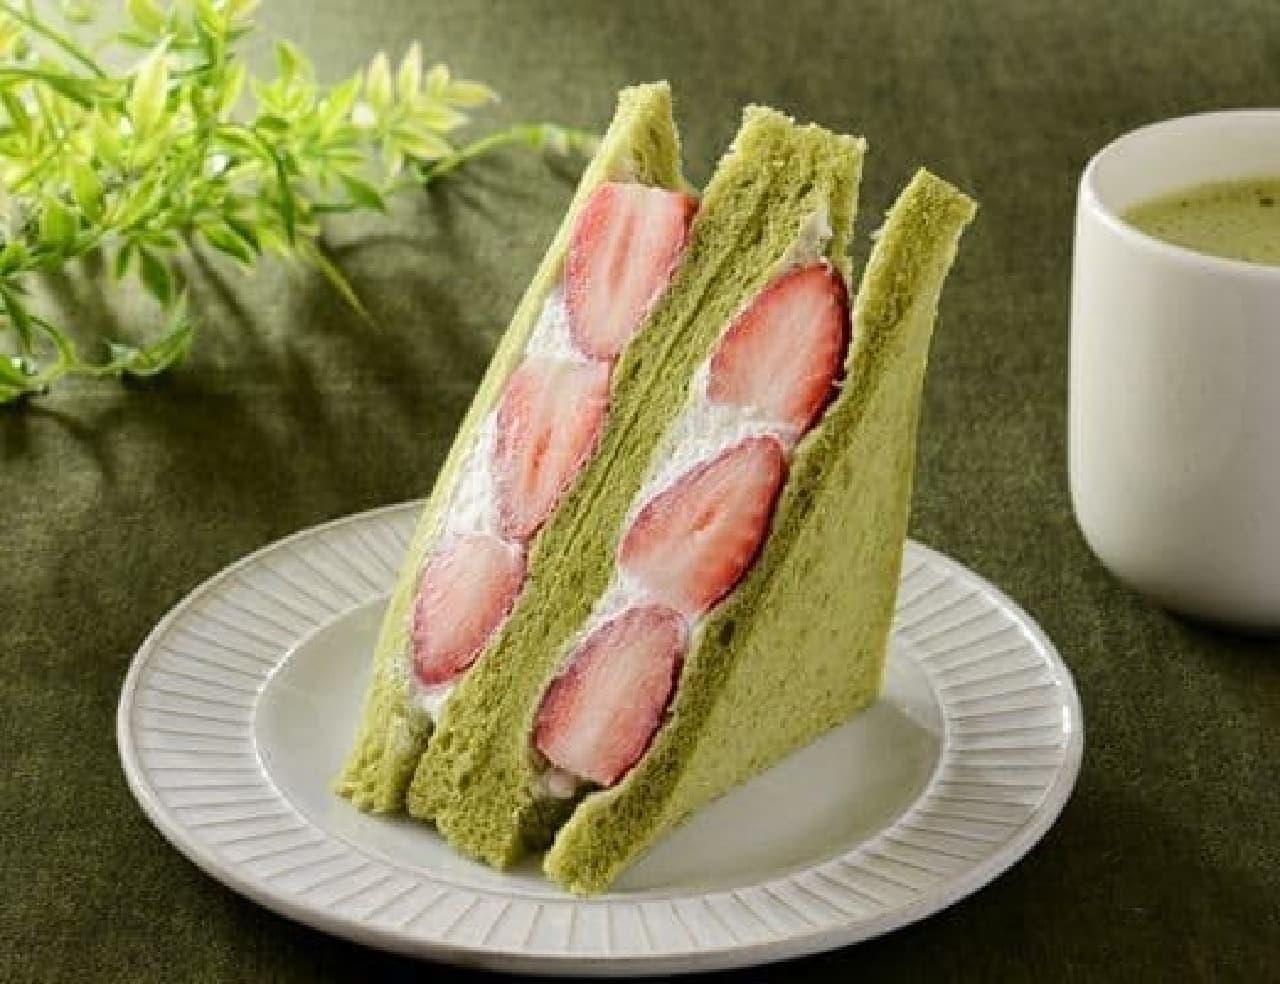 ローソン「いちごミルクサンド ~抹茶入り食パン使用~」